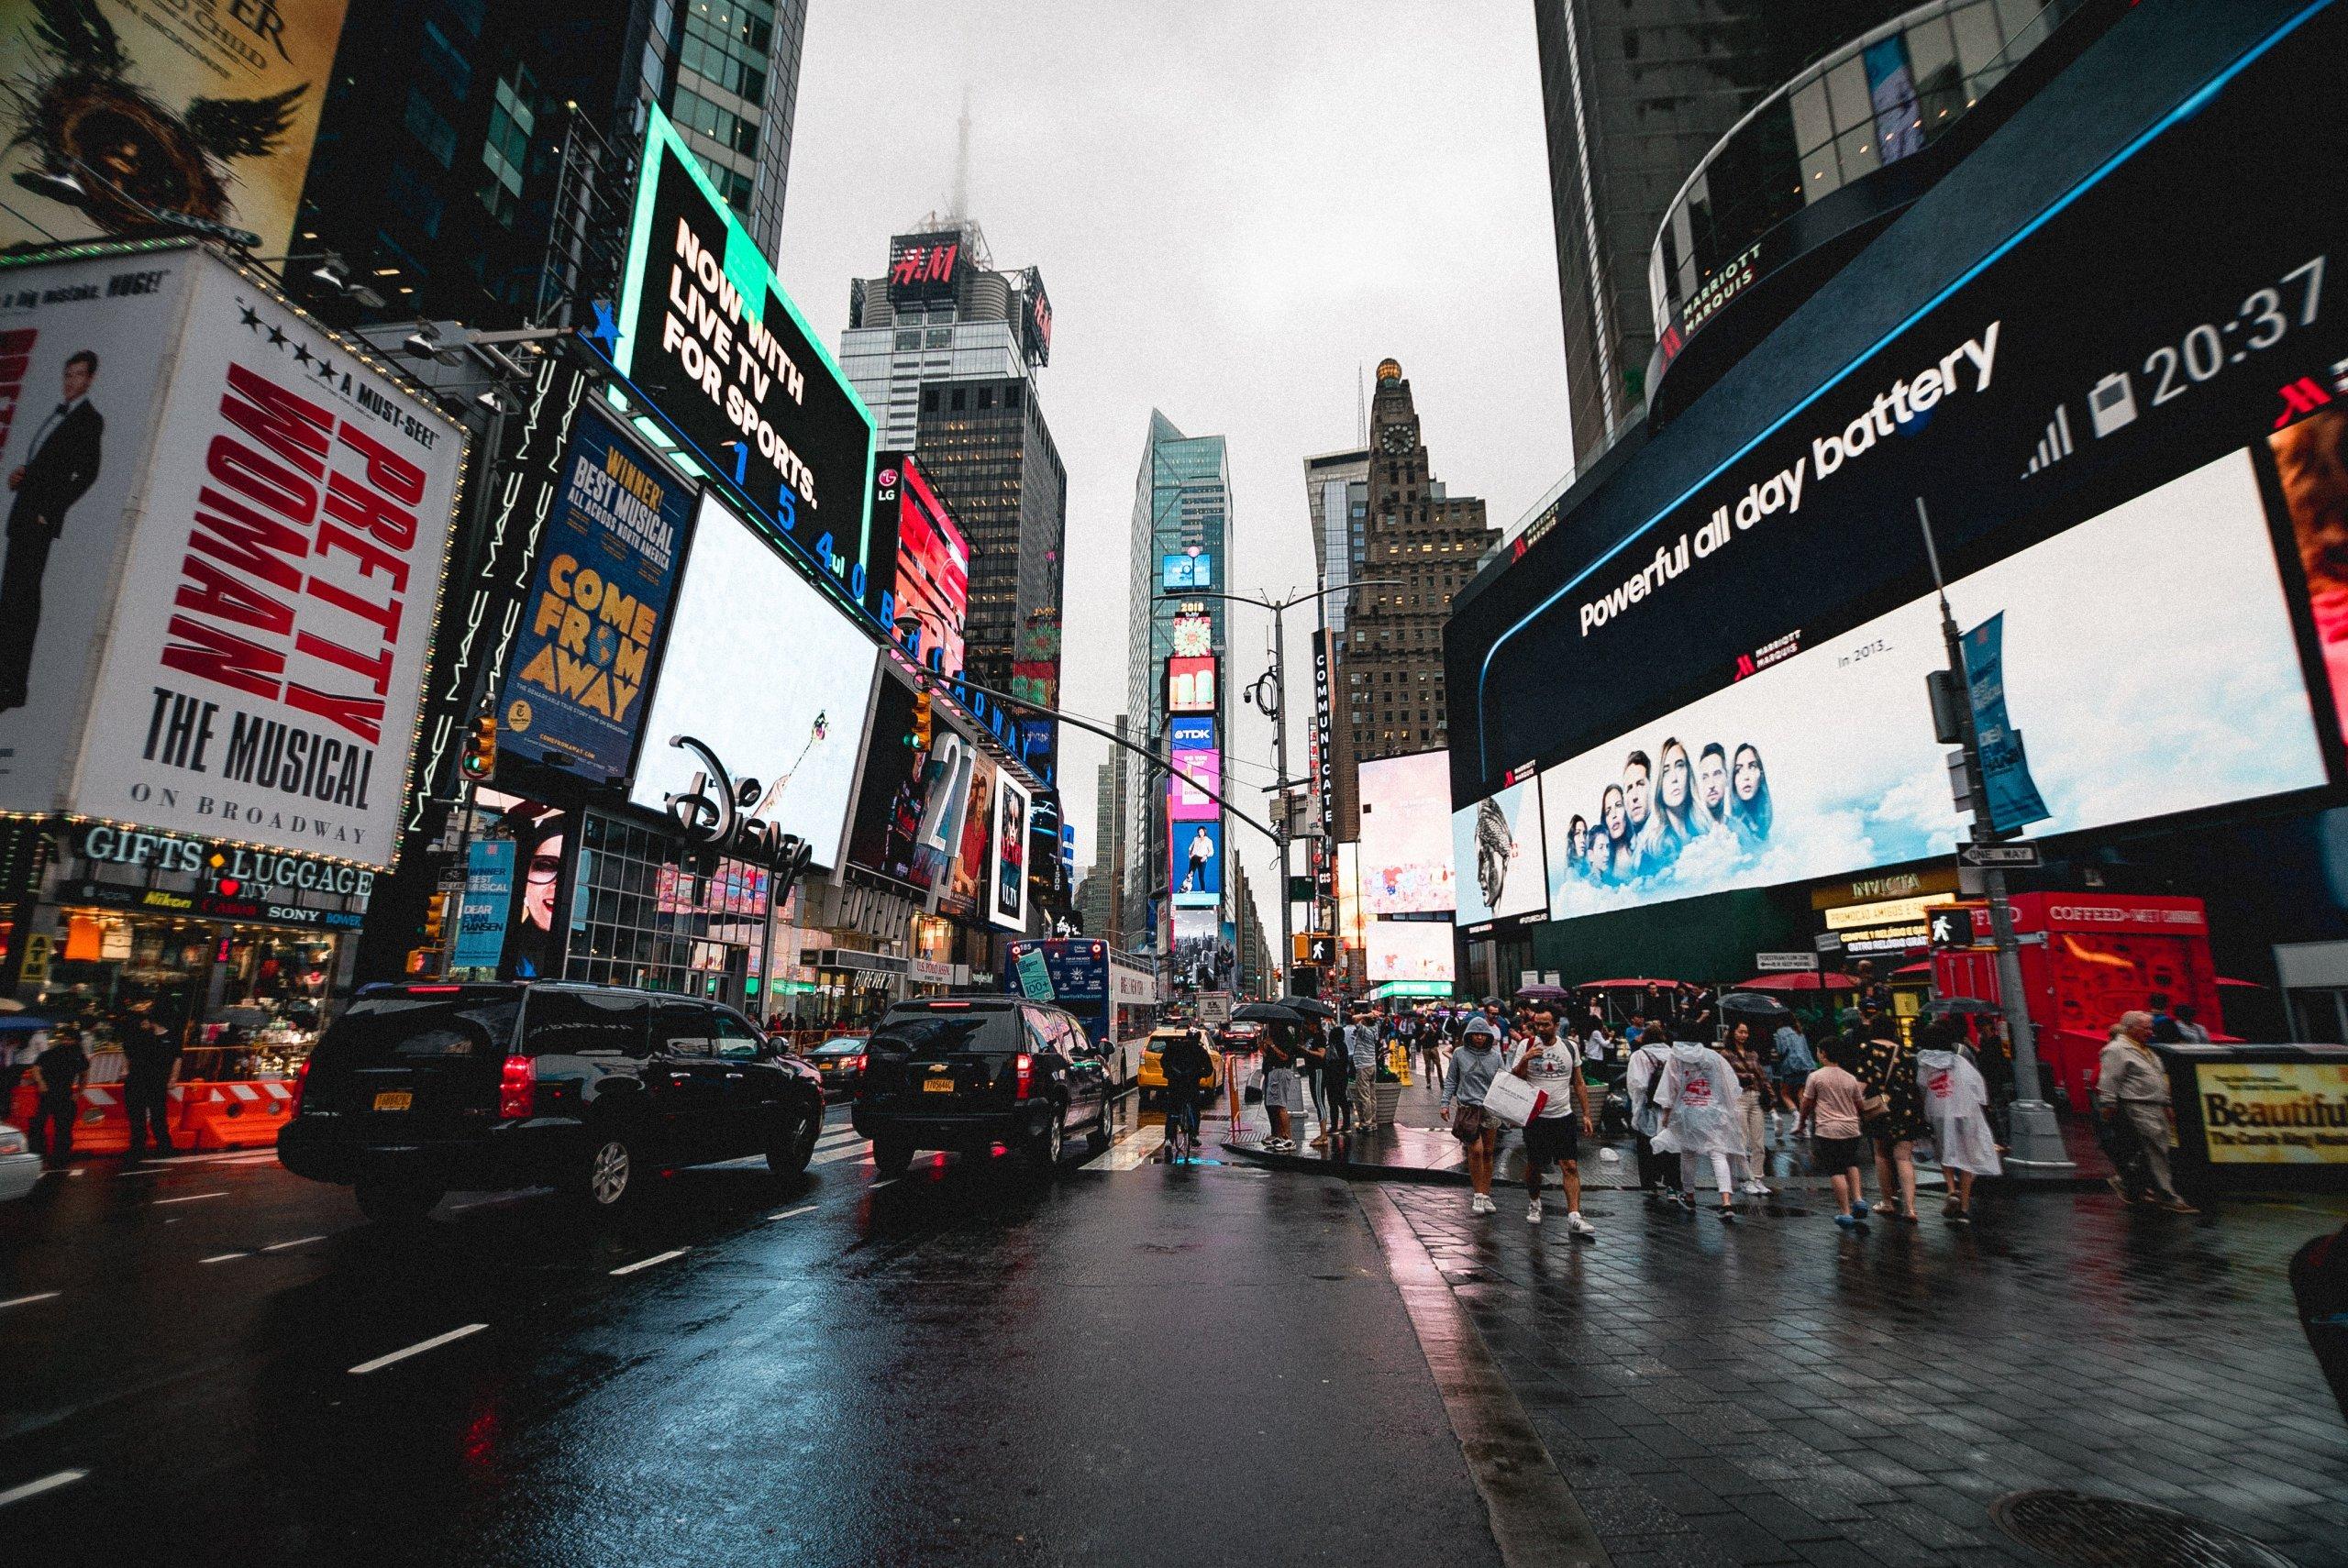 [FOTO] Jedno od najpopularnijih turističkih mjesta u New Yorku nije uvijek bilo toliko atraktivno